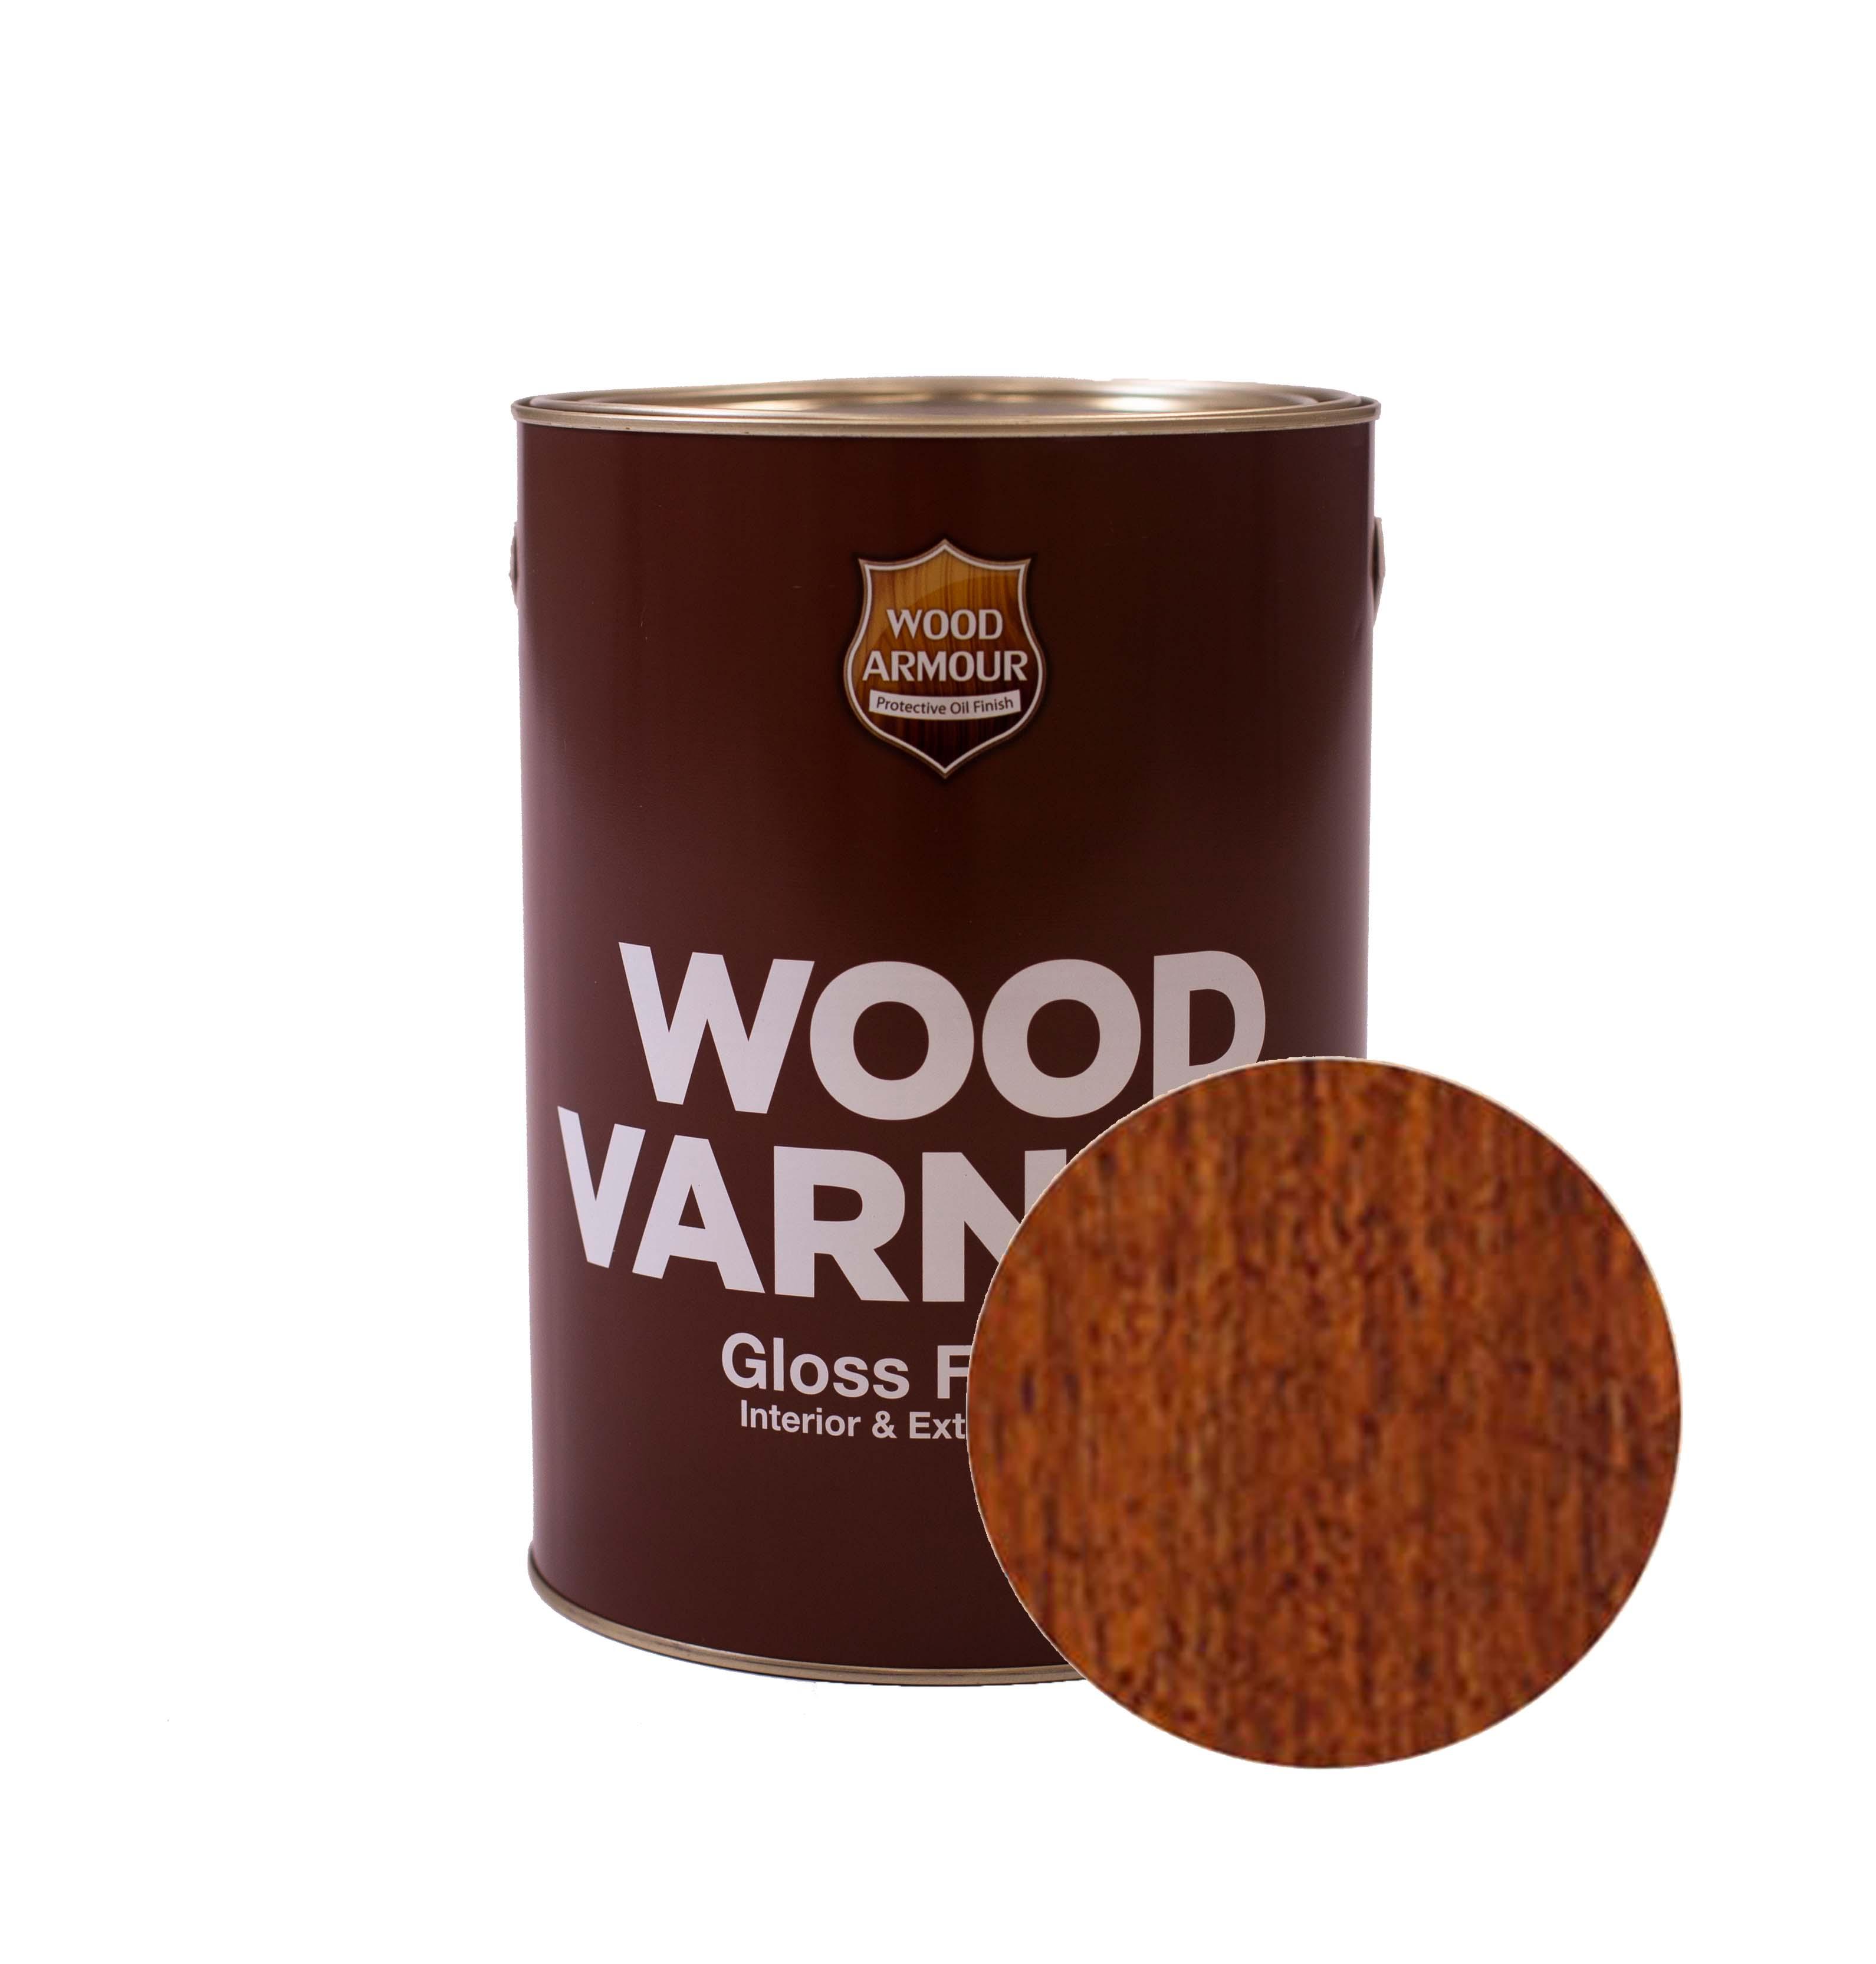 Wood Armour [ Imbuia ] Wood Varnish